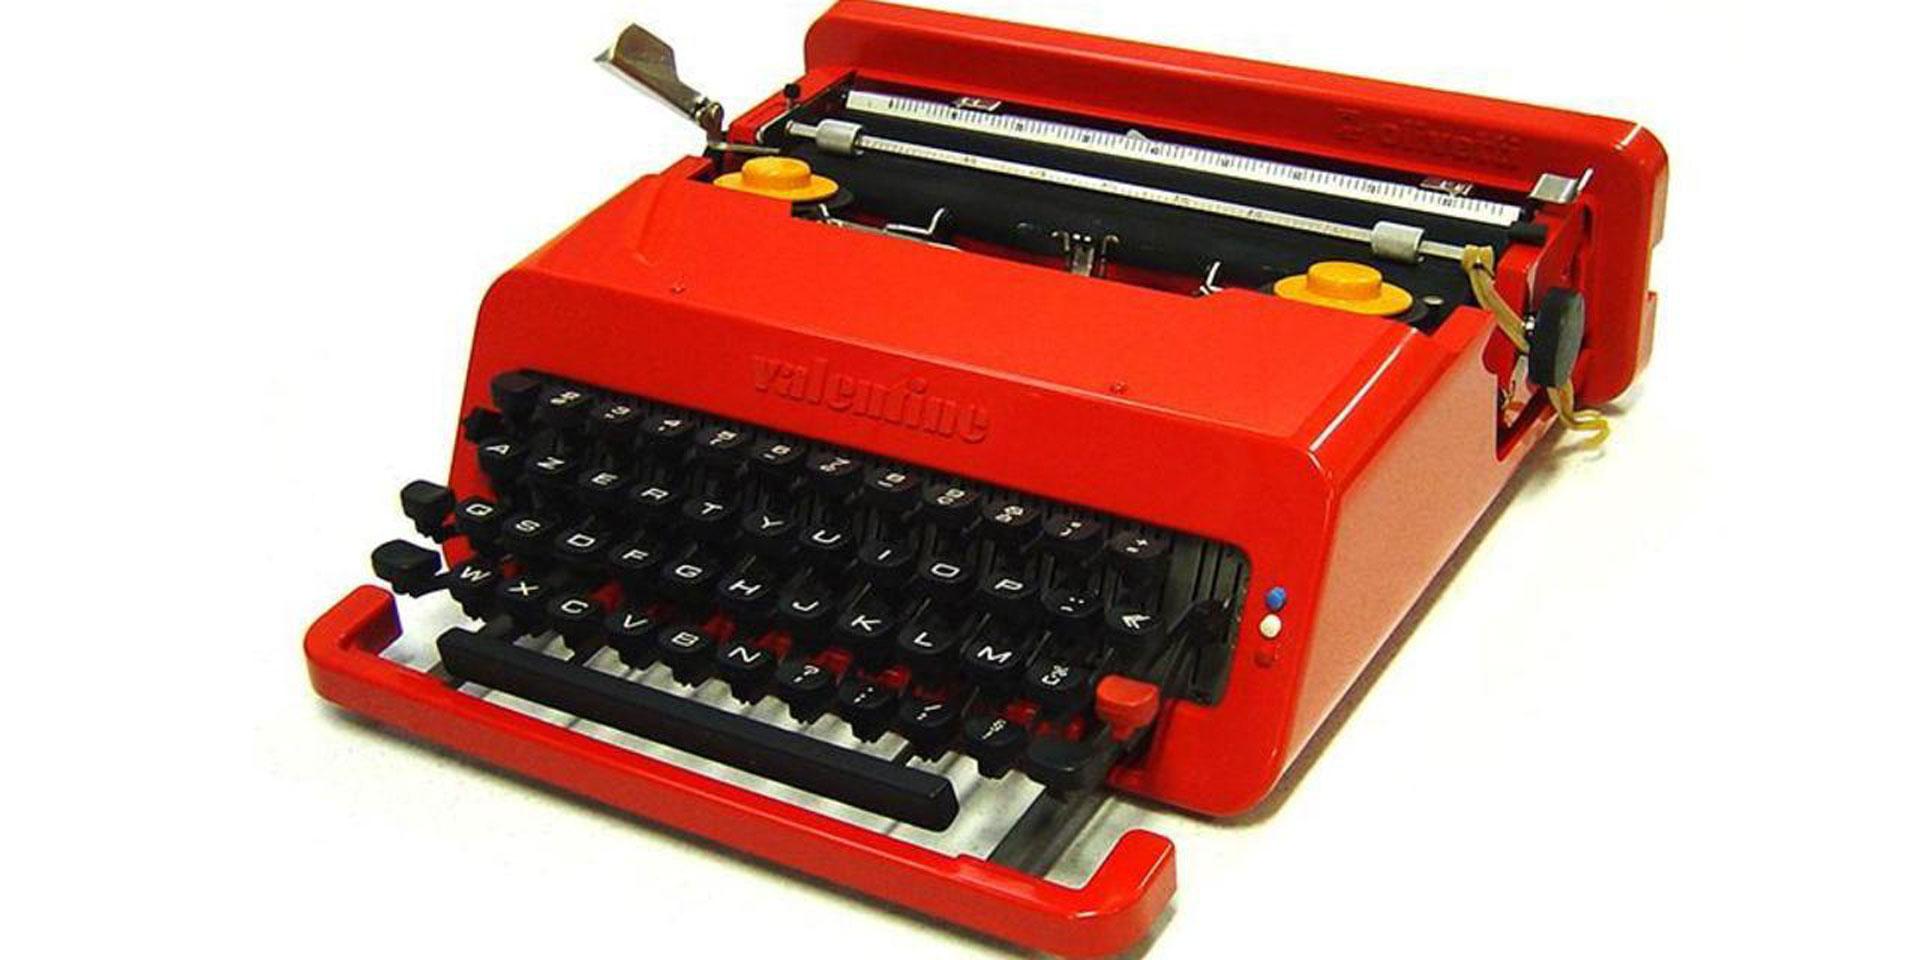 Macchina da scrivere Olivetti con scocca rossa e tasti bianchi e neri